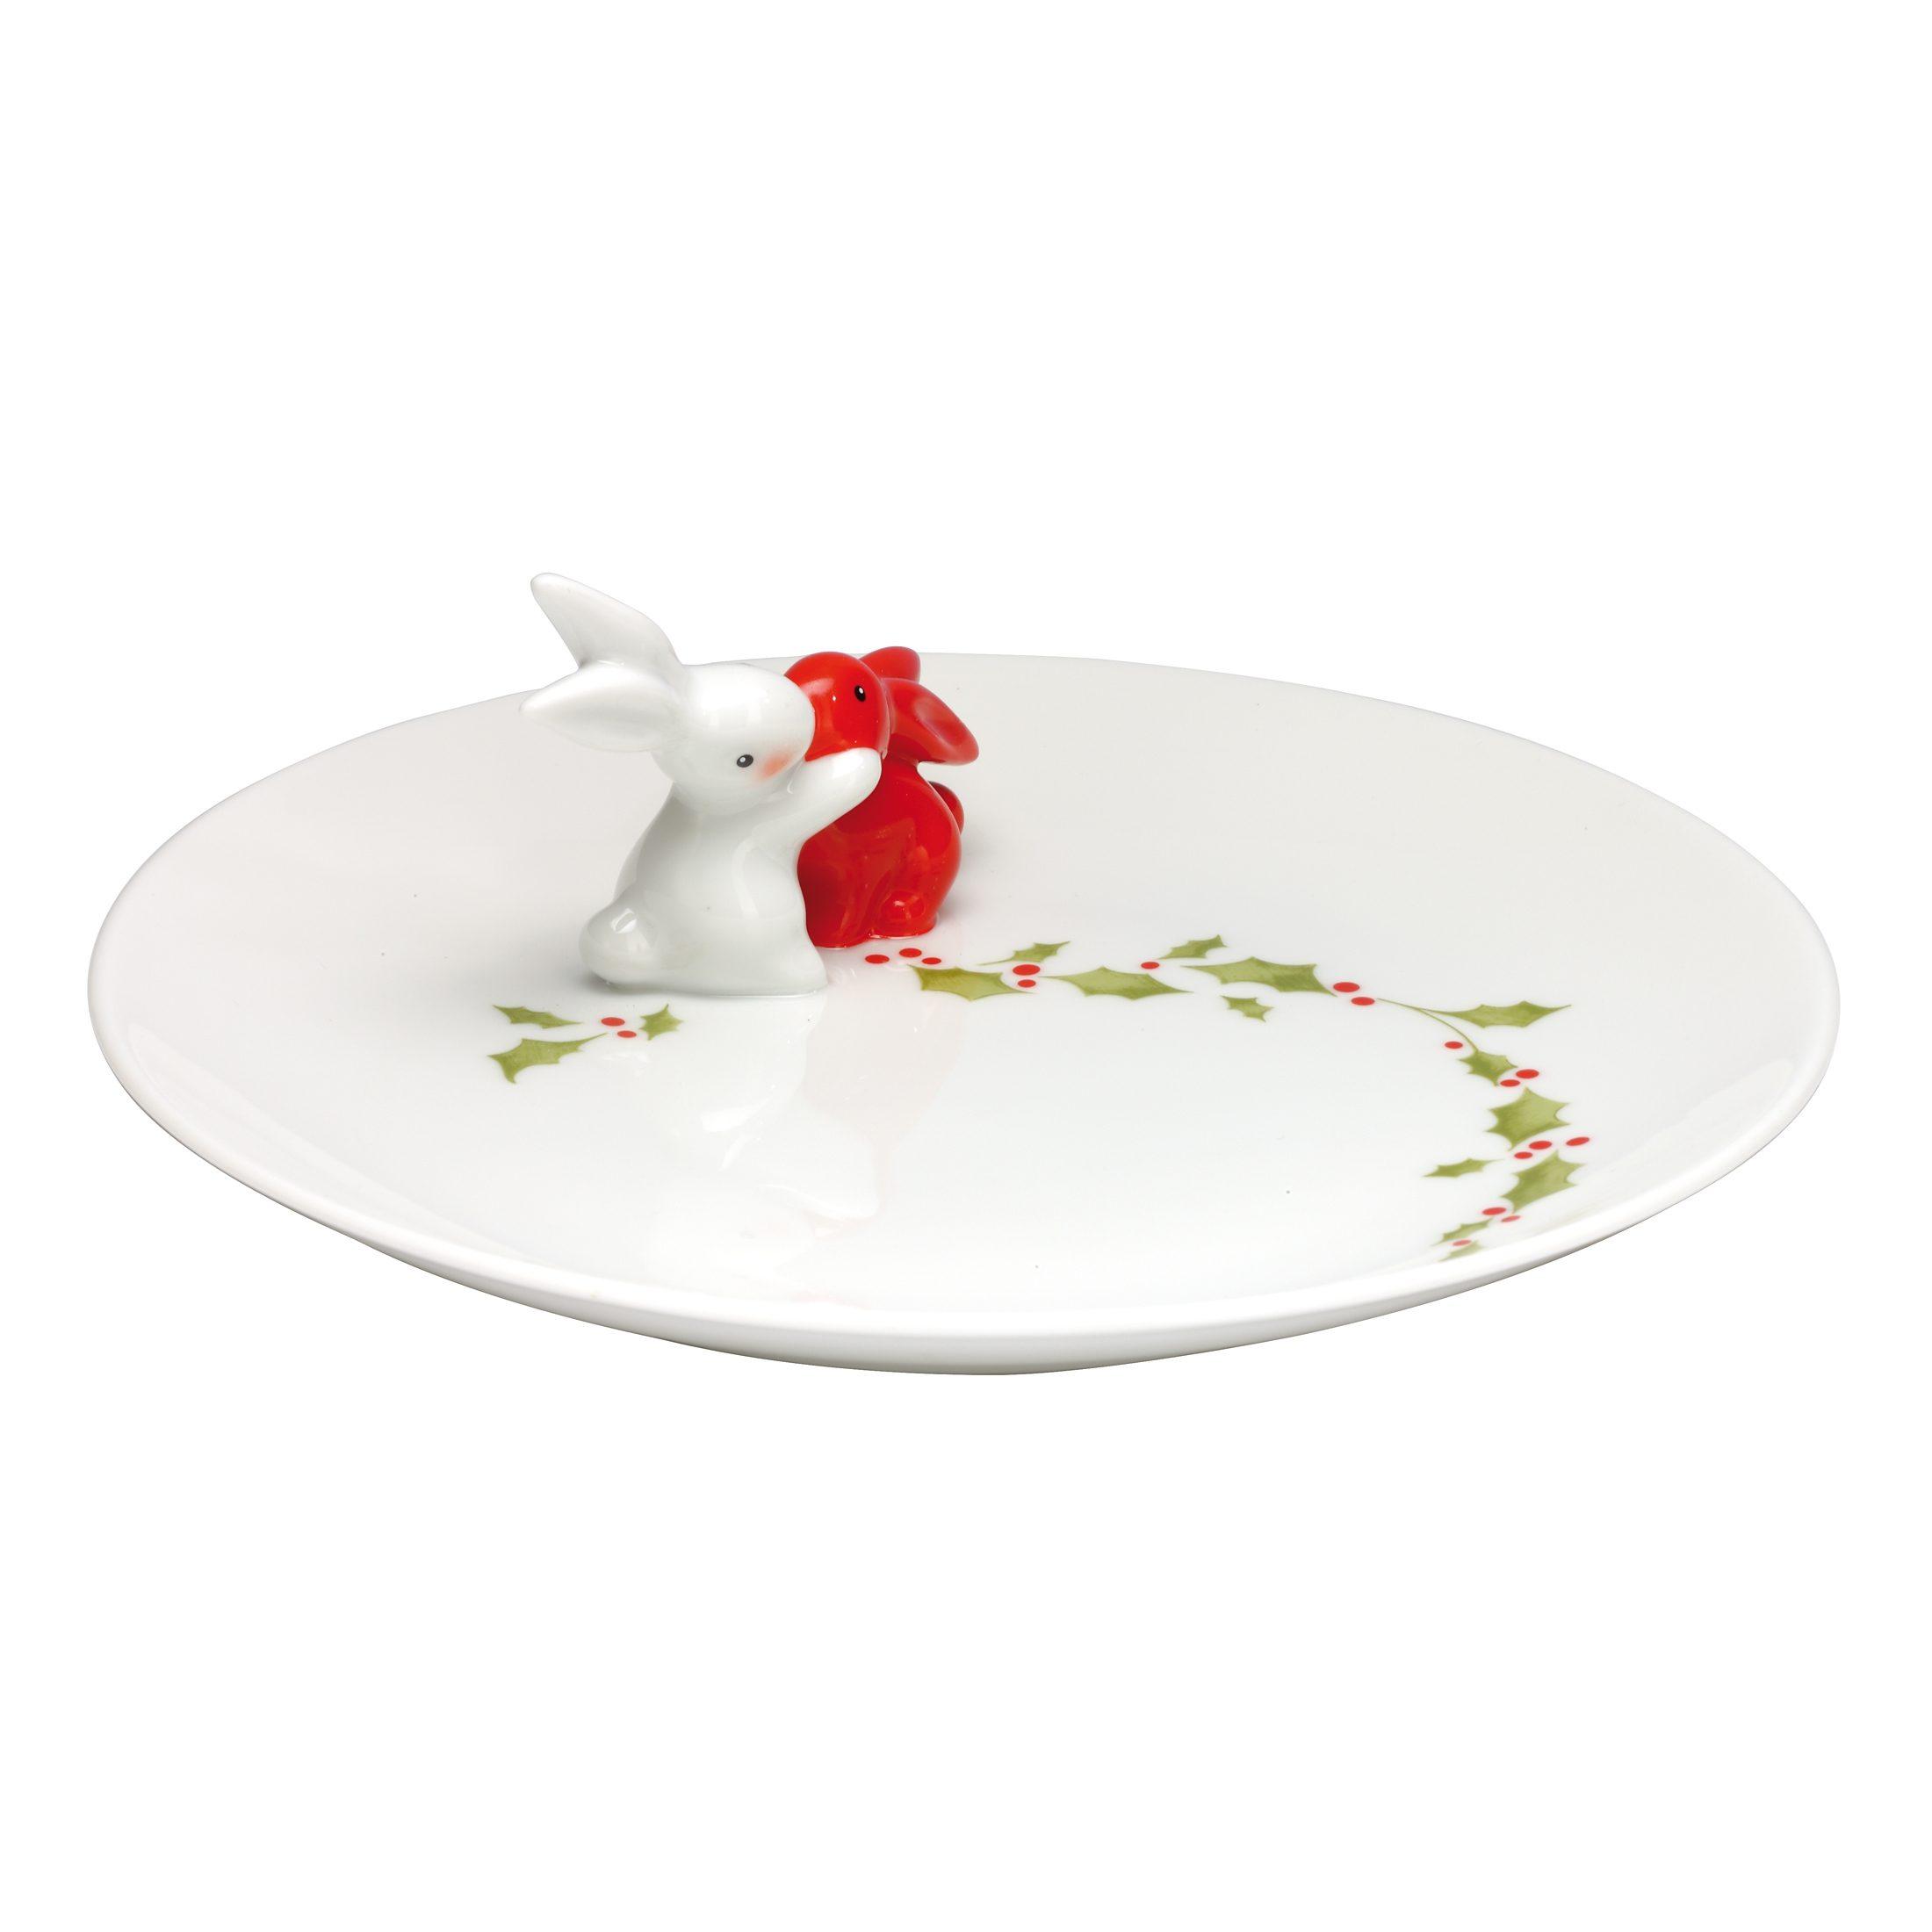 Goebel X-mas Bunny - Porzellanteller »Bunny de luxe«